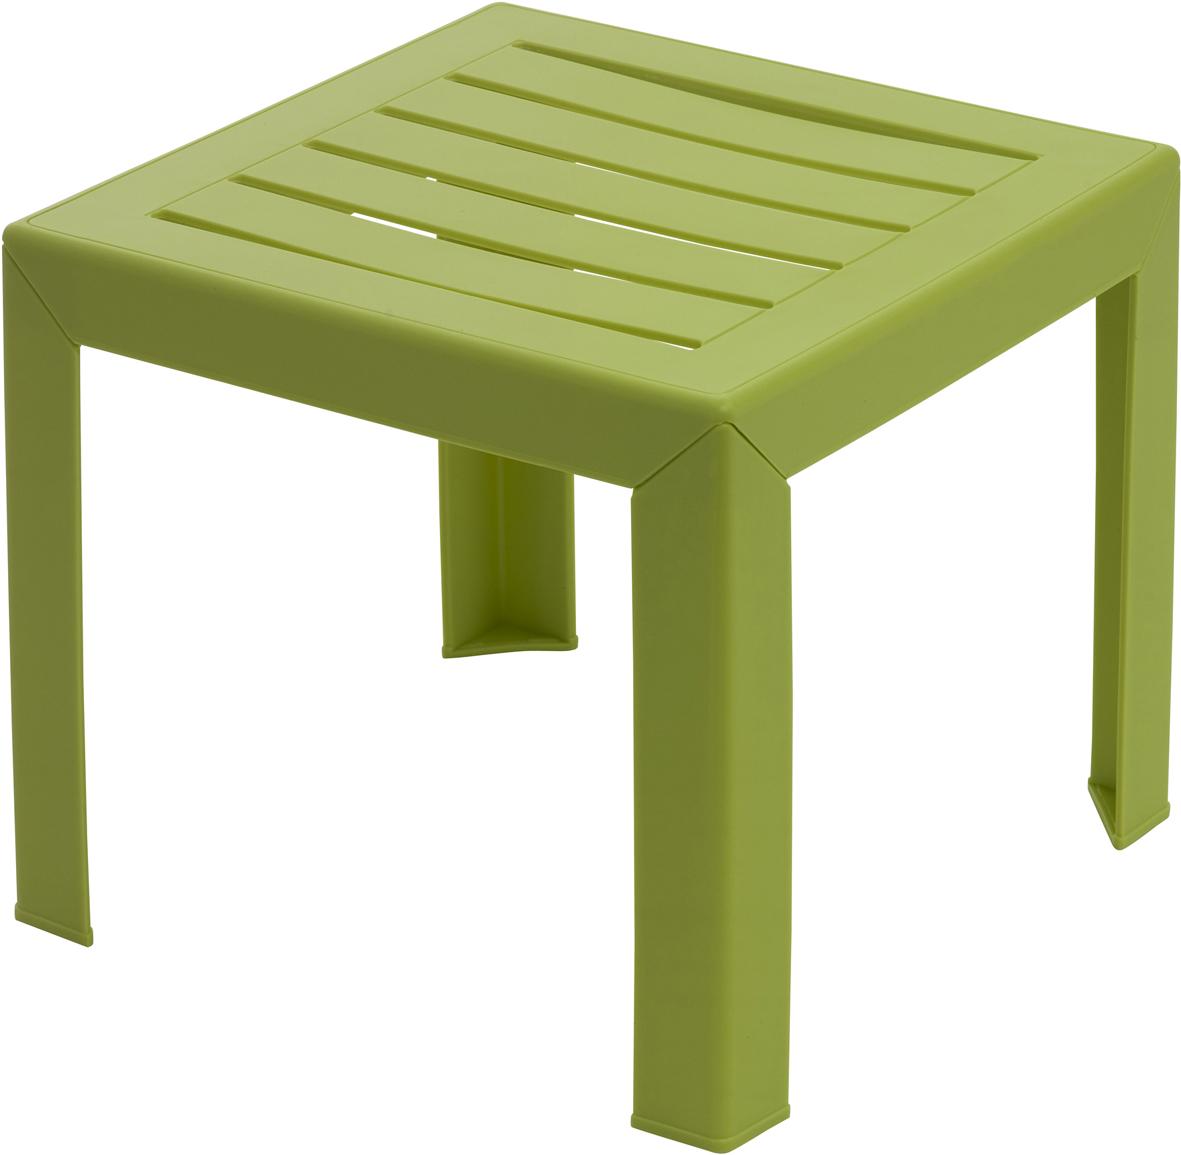 Table de jardin grosfillex personnalis e cadeau publicitaire grossiste - Table basse violette ...